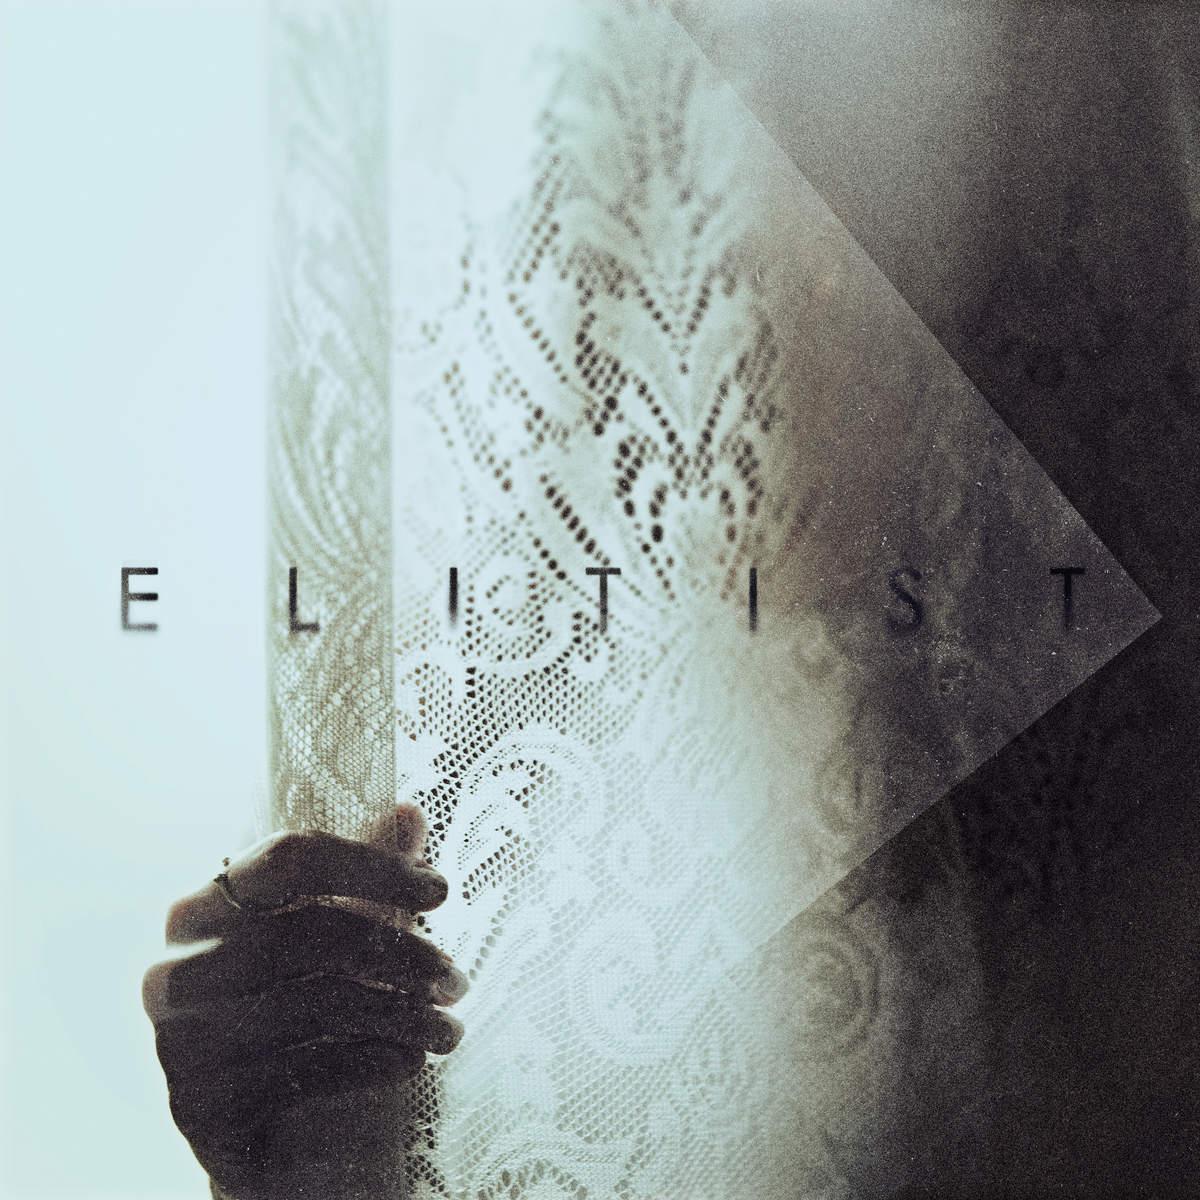 Elitist - Elitist (2015)